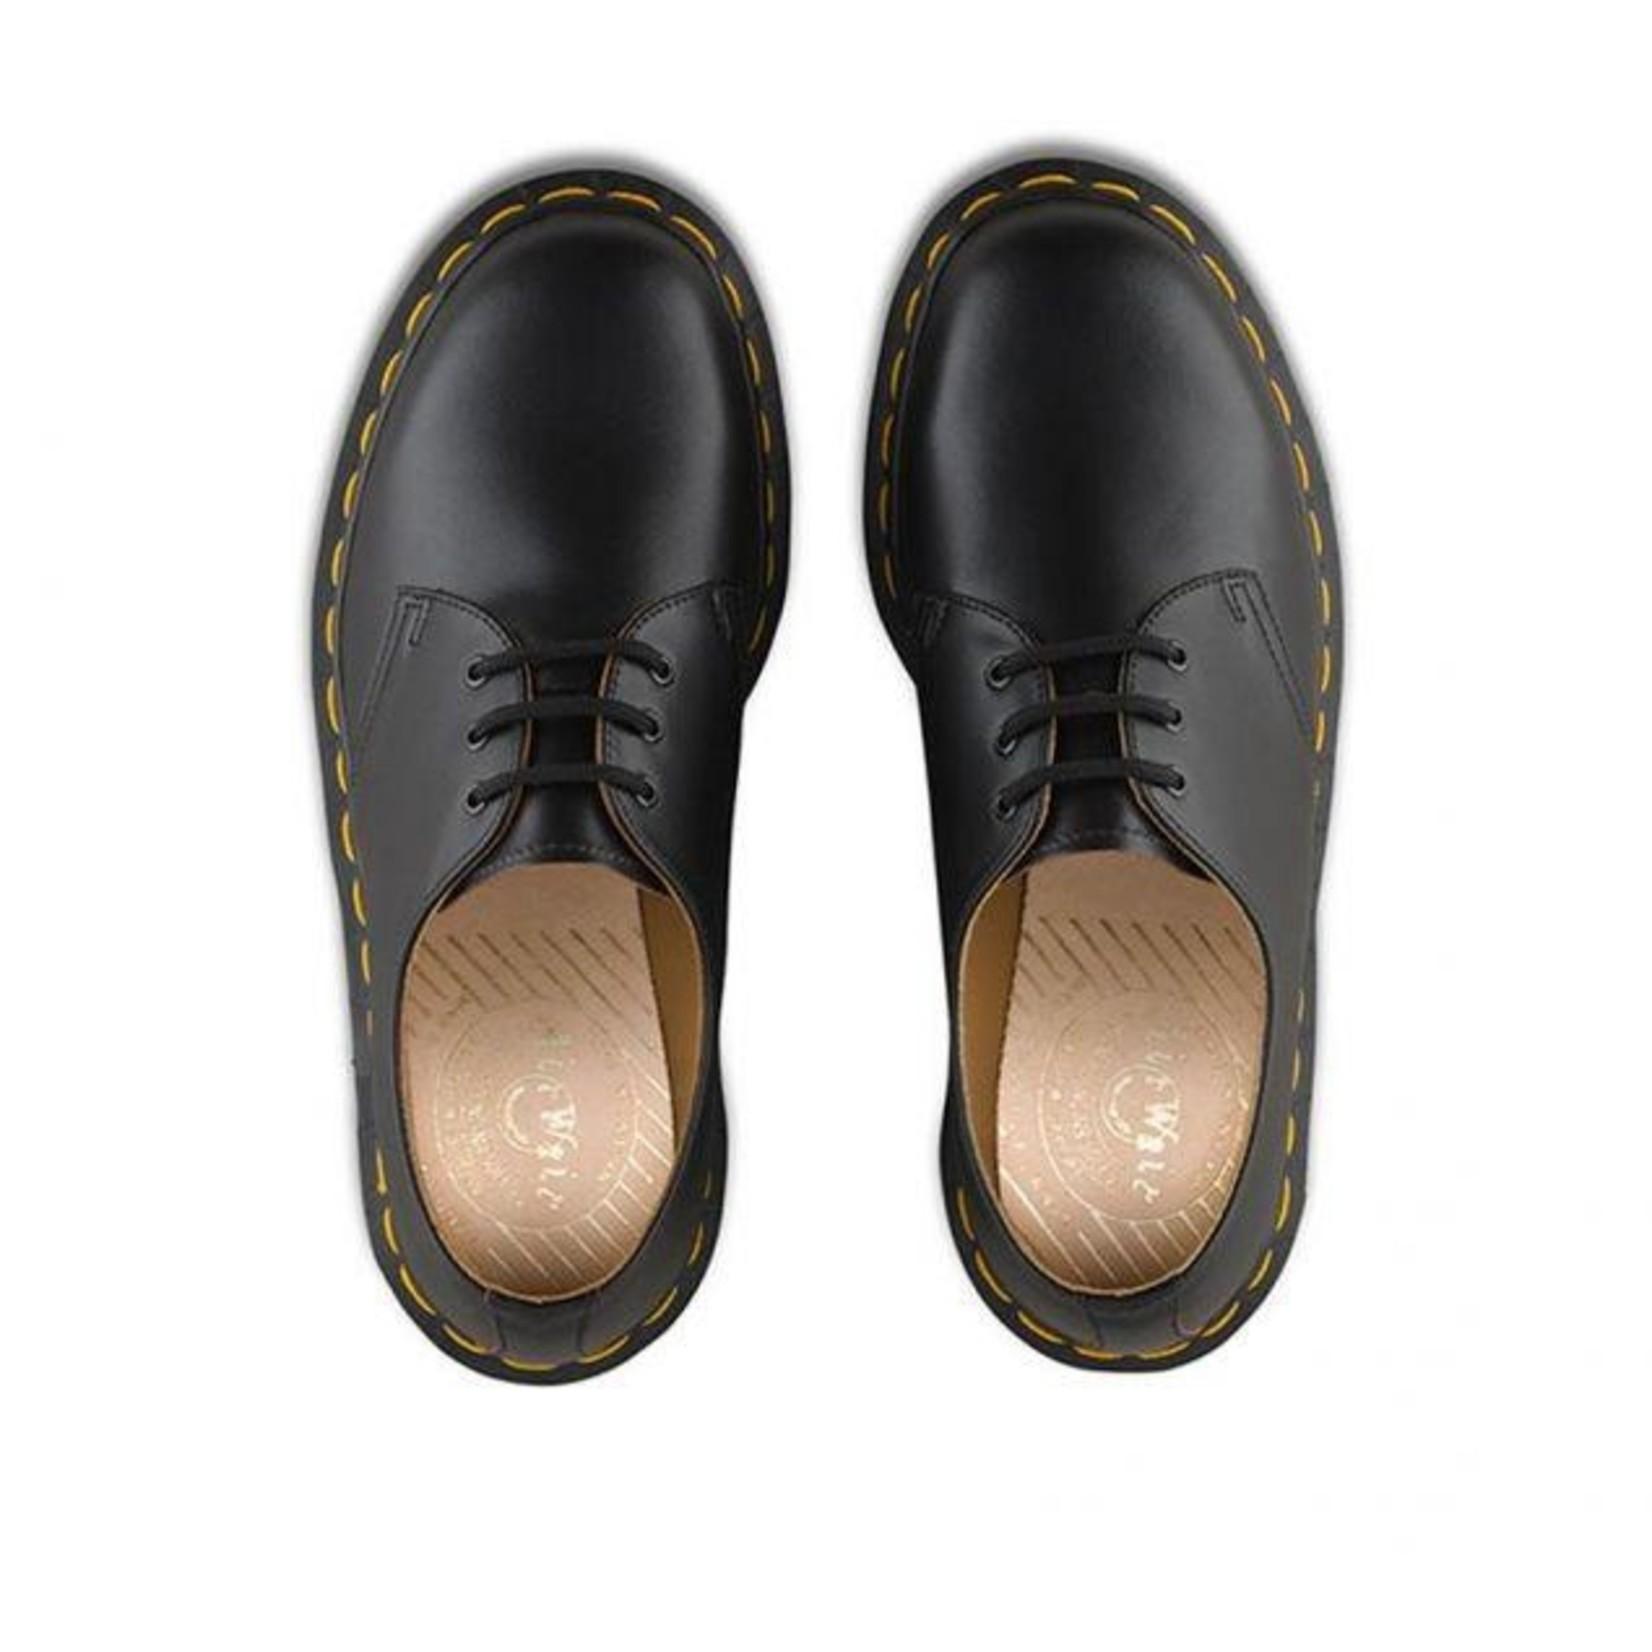 Dr Martens Dr. Martens 1461 Vintage Made In England Black 12877001